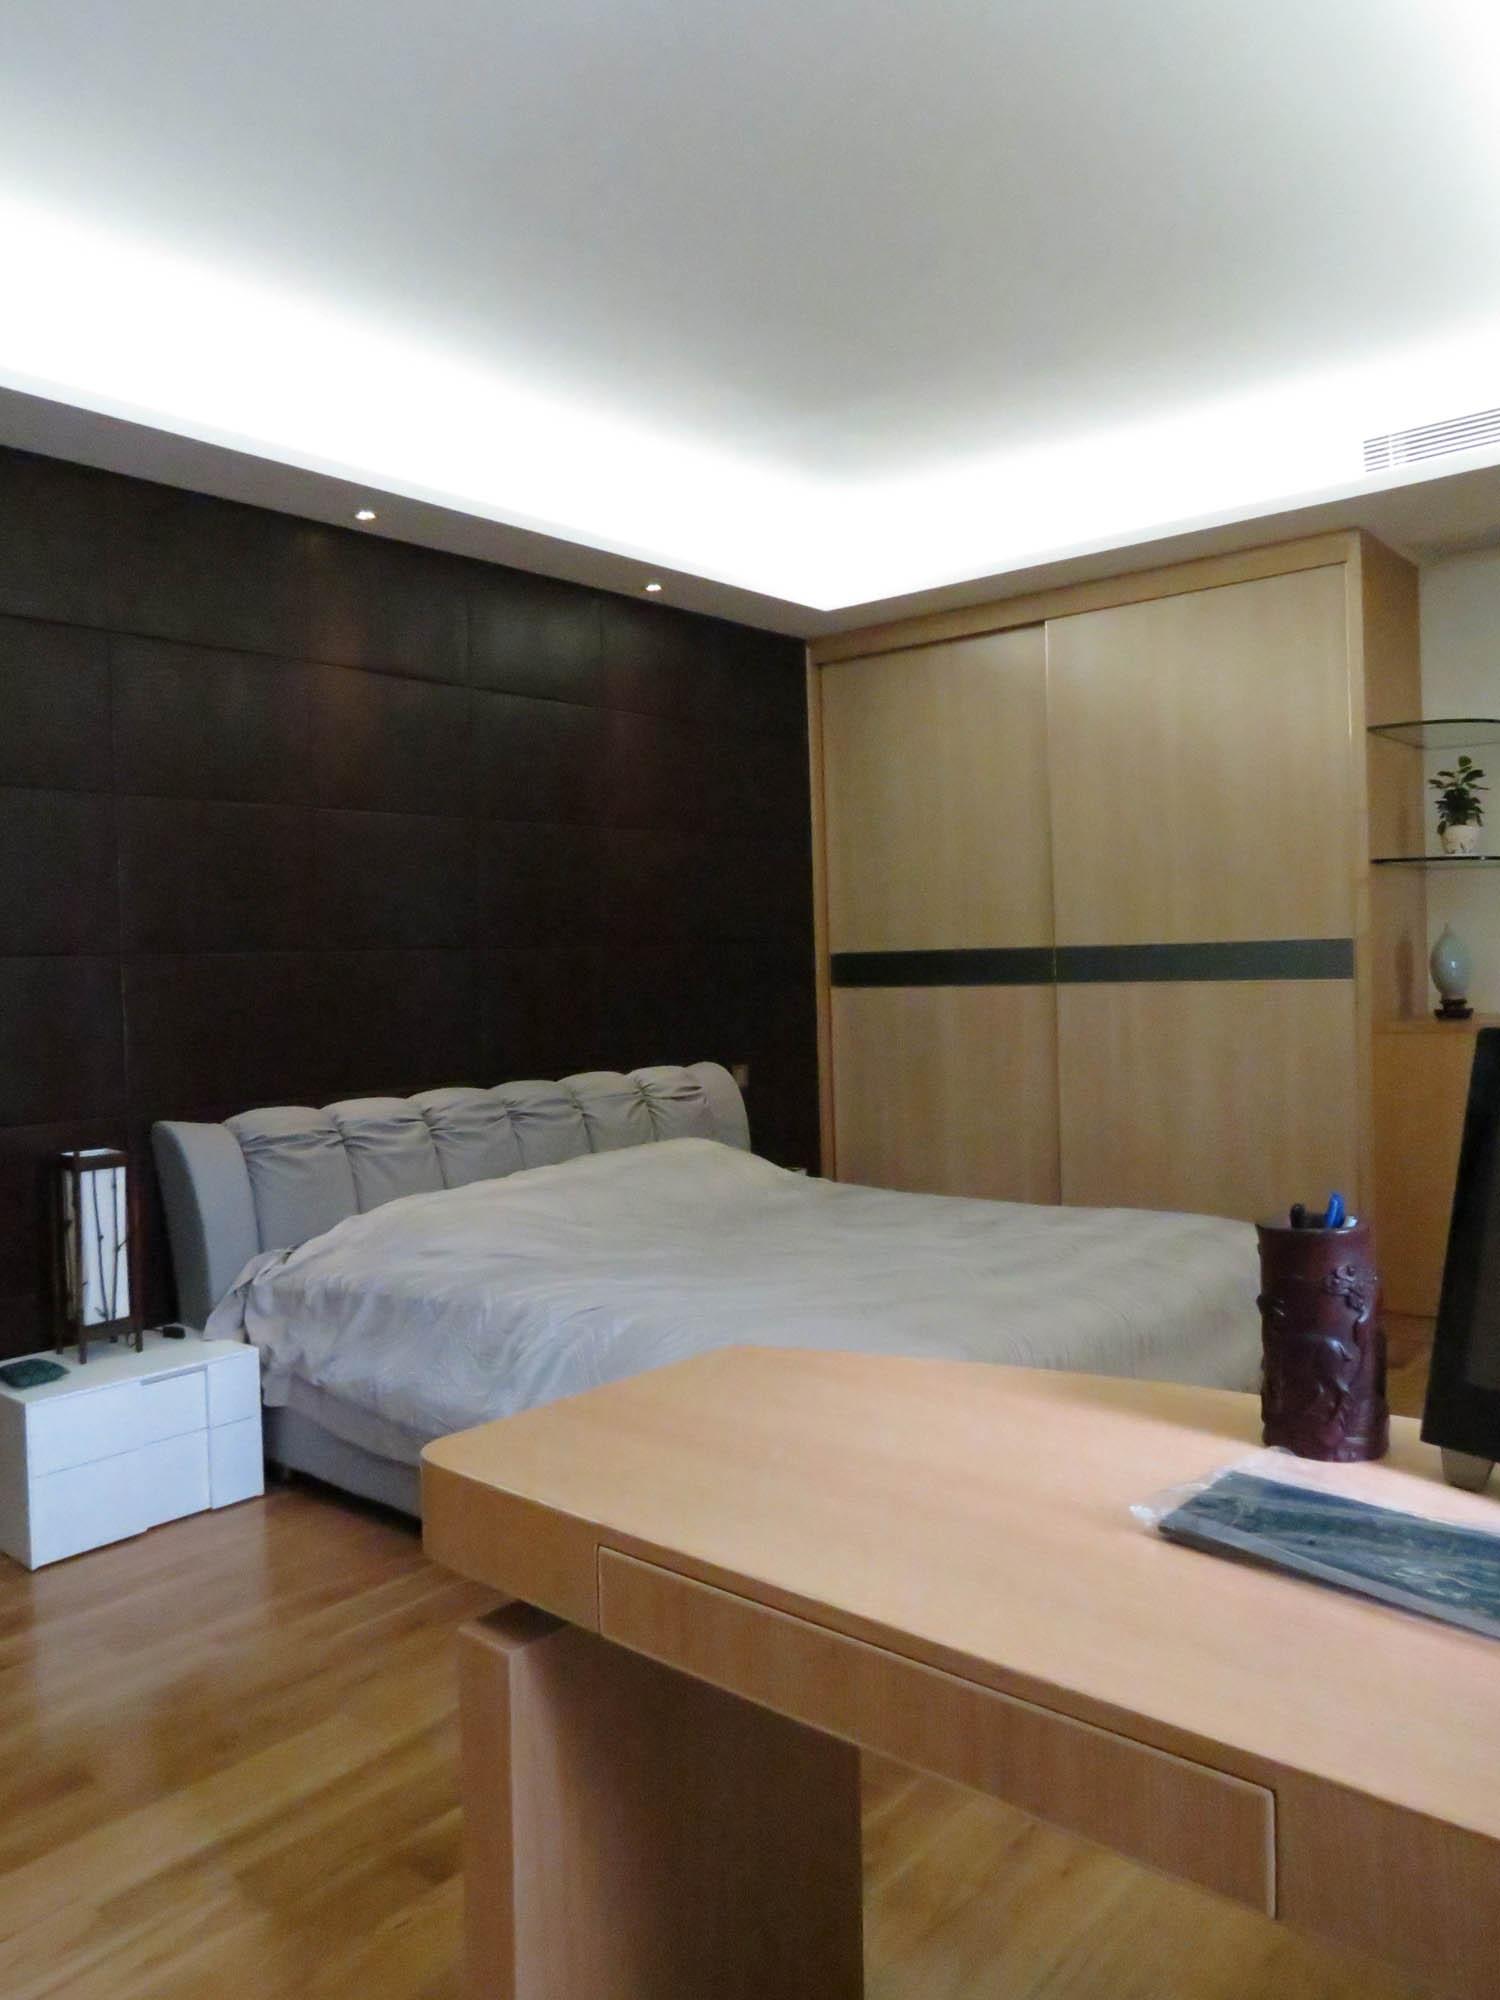 现代简约复式装修卧室背景墙图片